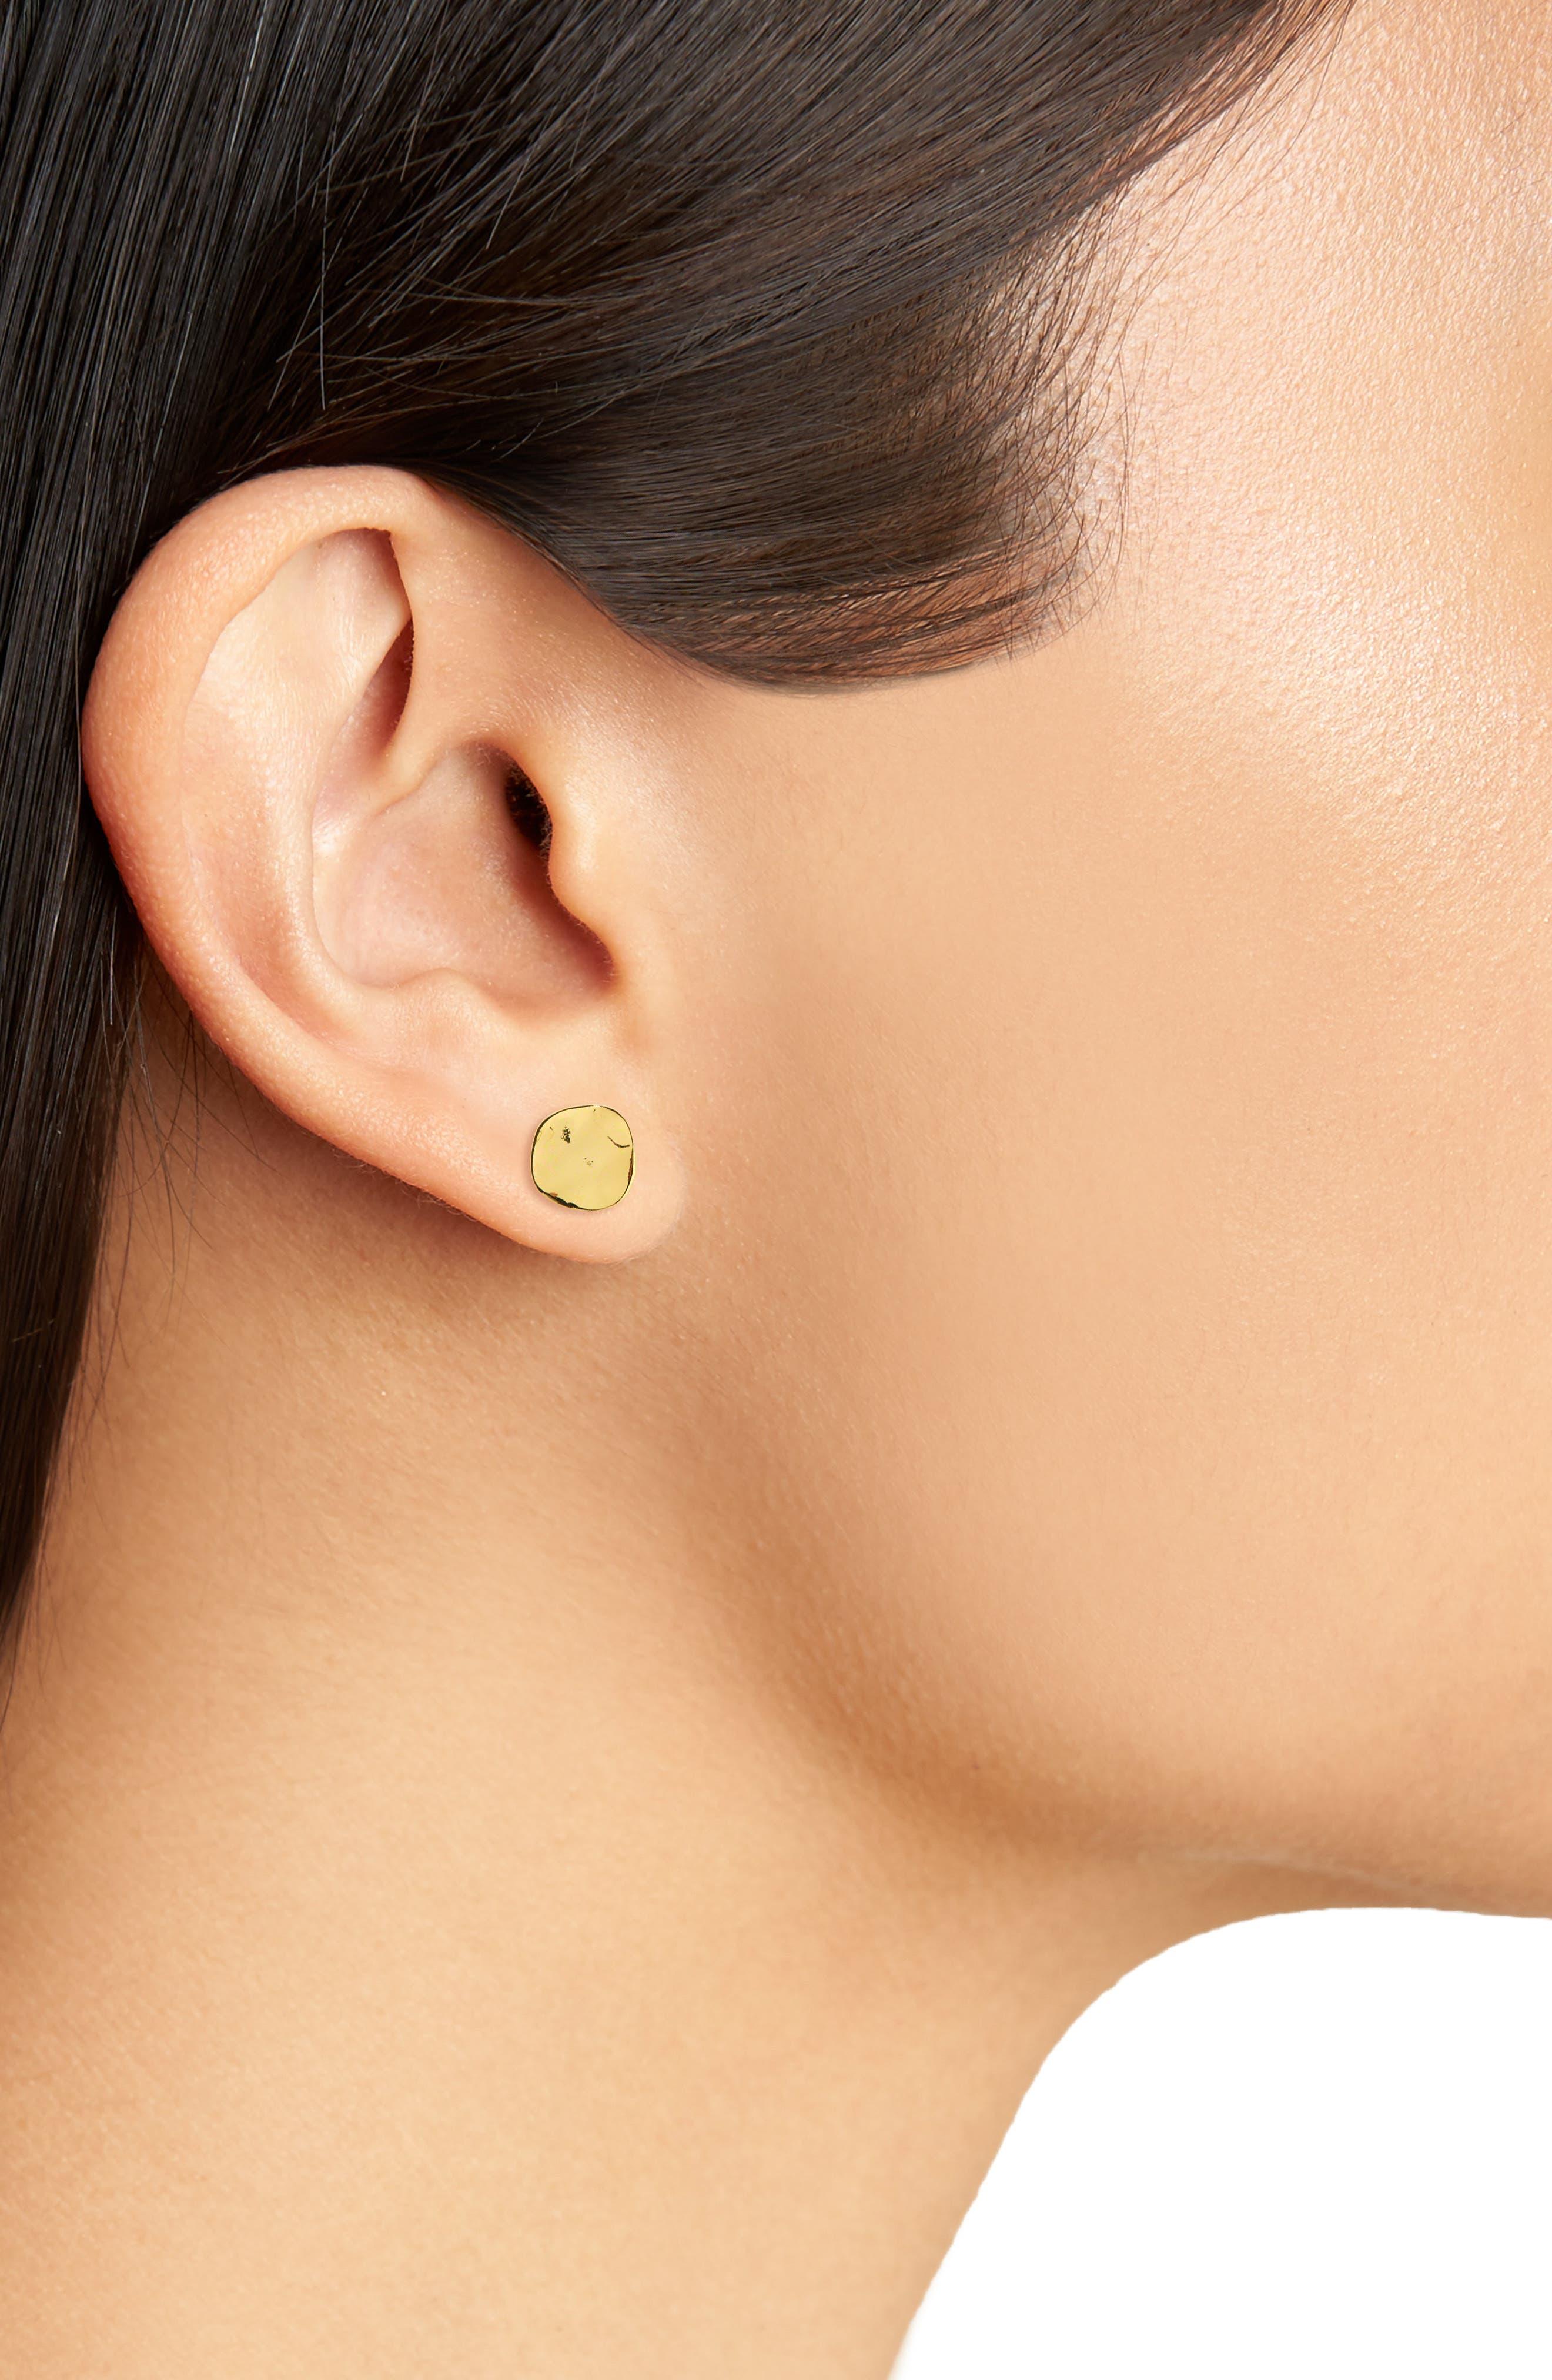 GORJANA, 'Chloe' Small Stud Earrings, Alternate thumbnail 3, color, GOLD